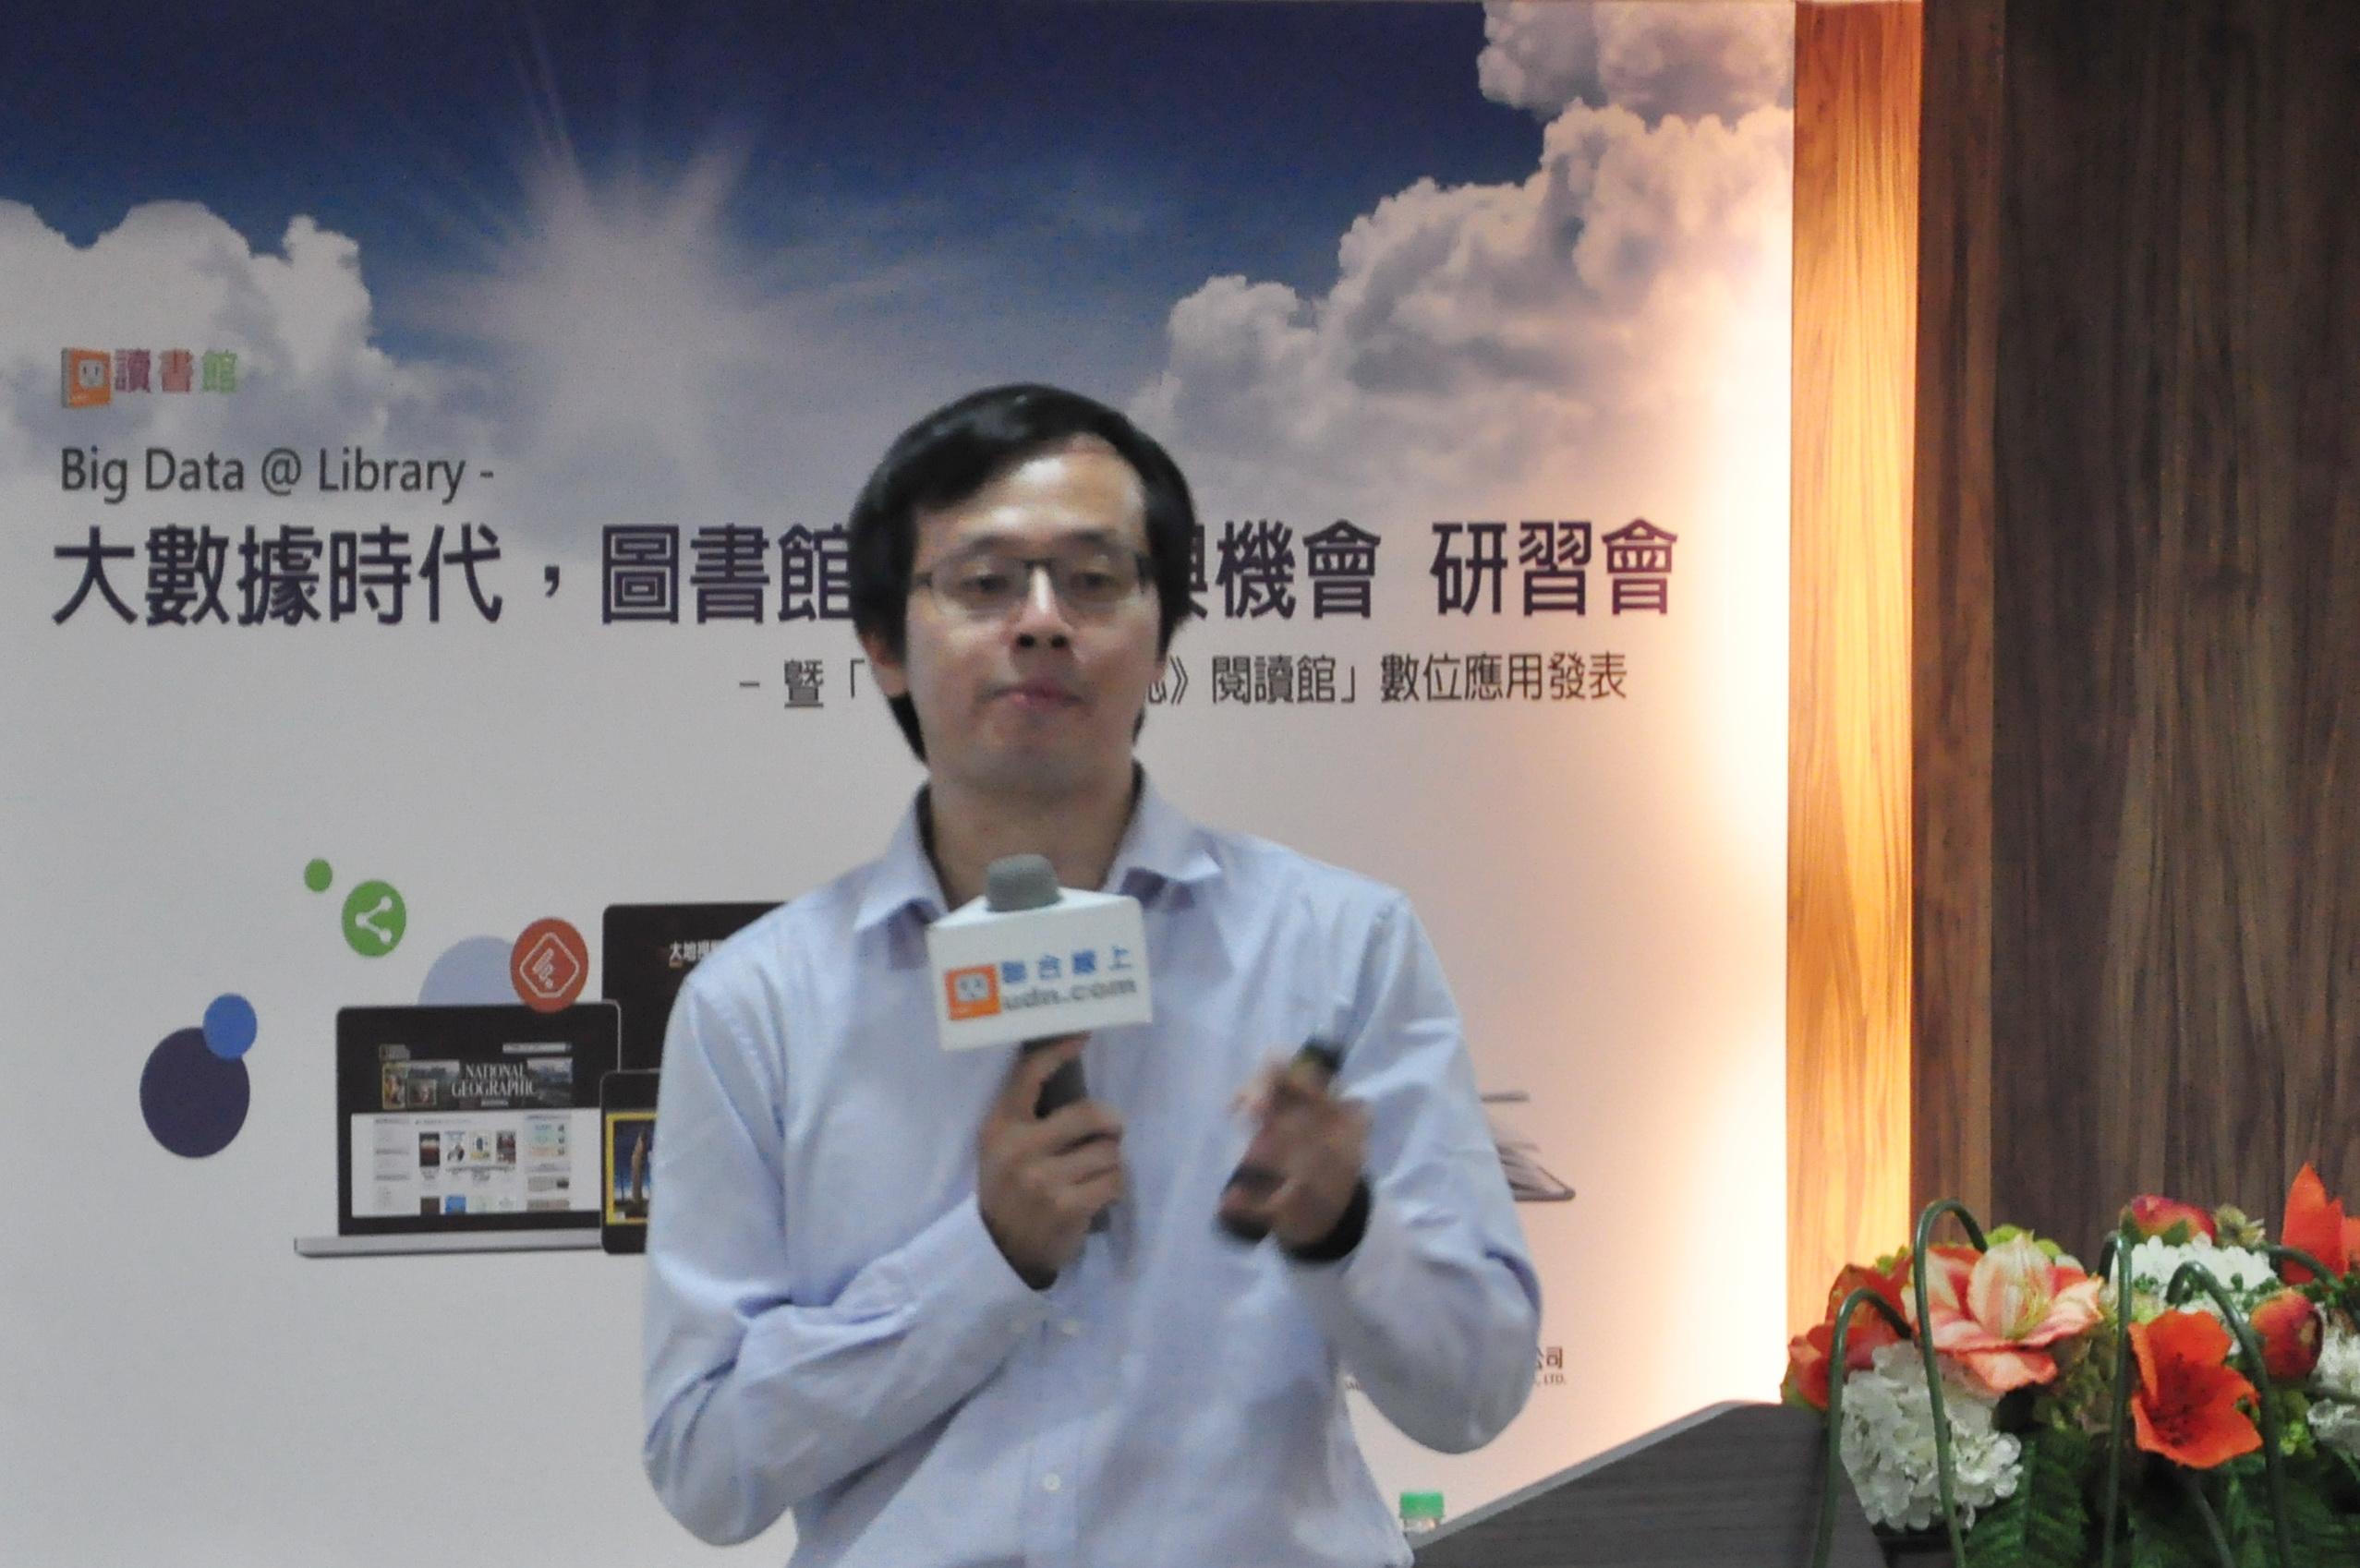 台湾师范大学图书馆 柯皓仁馆长-大数据时代,图书馆的发展与机会 –